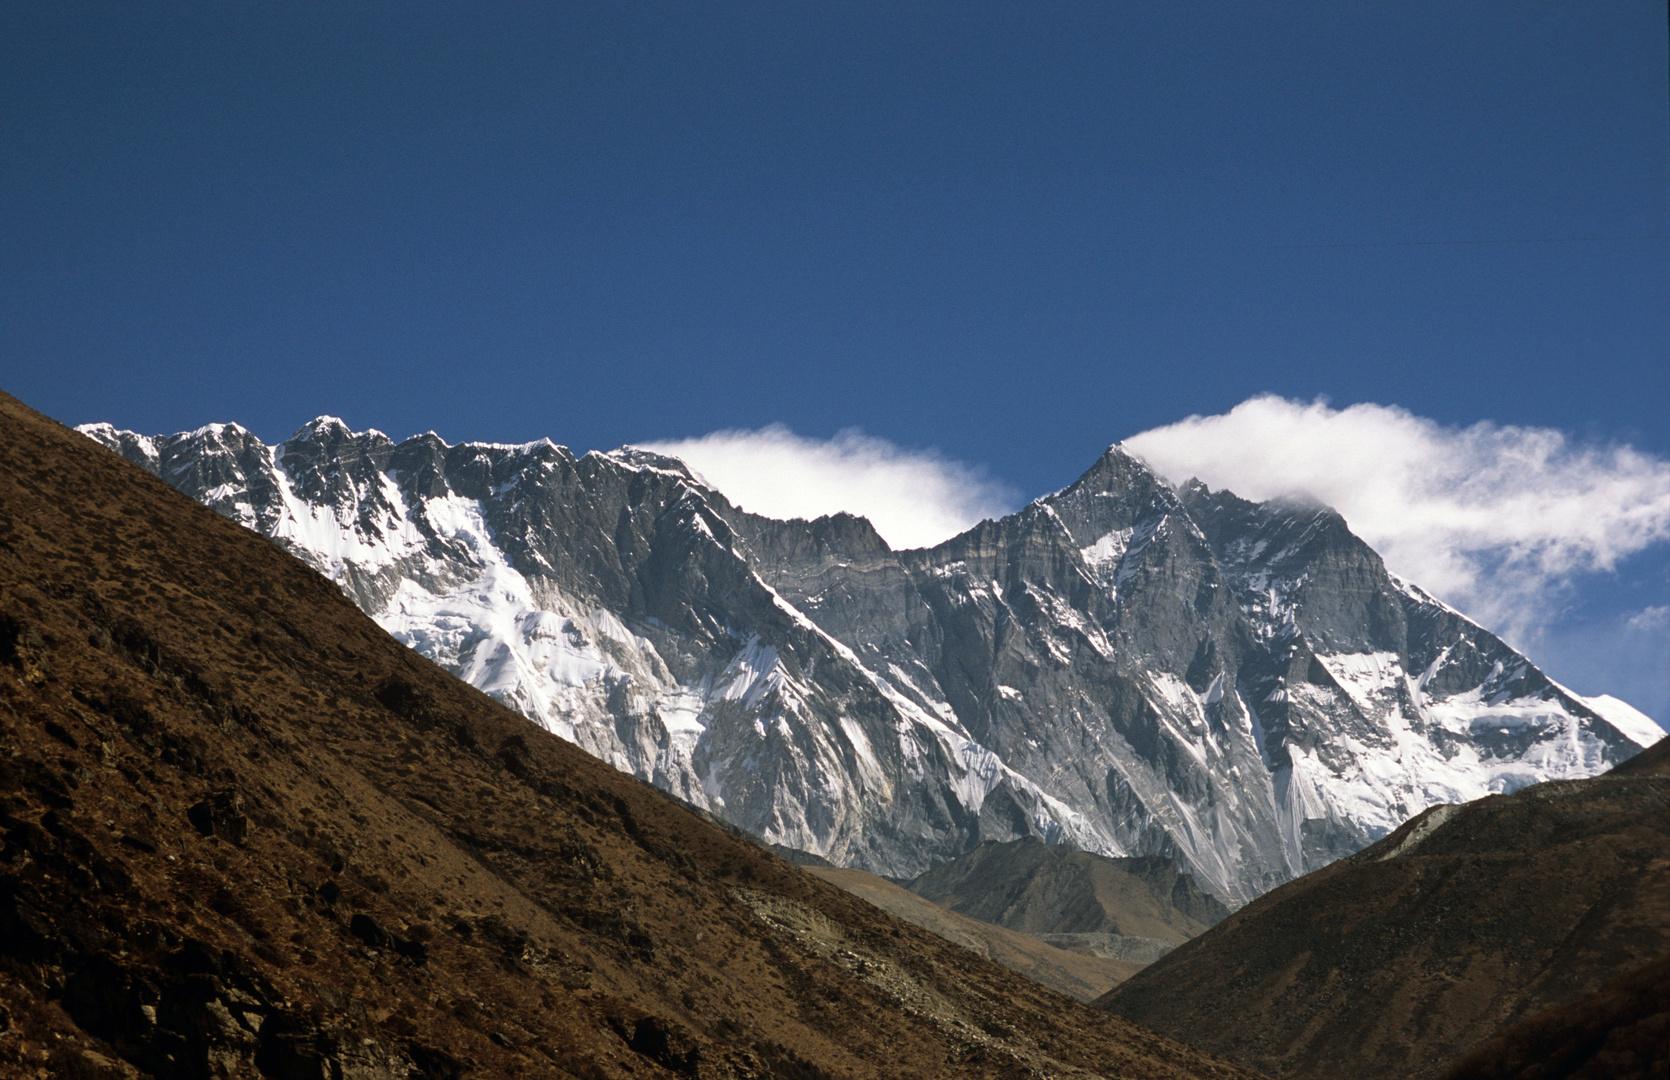 Blick vom Chukhung Ri auf die mächtige Südflanke des Lhotse (8516m)